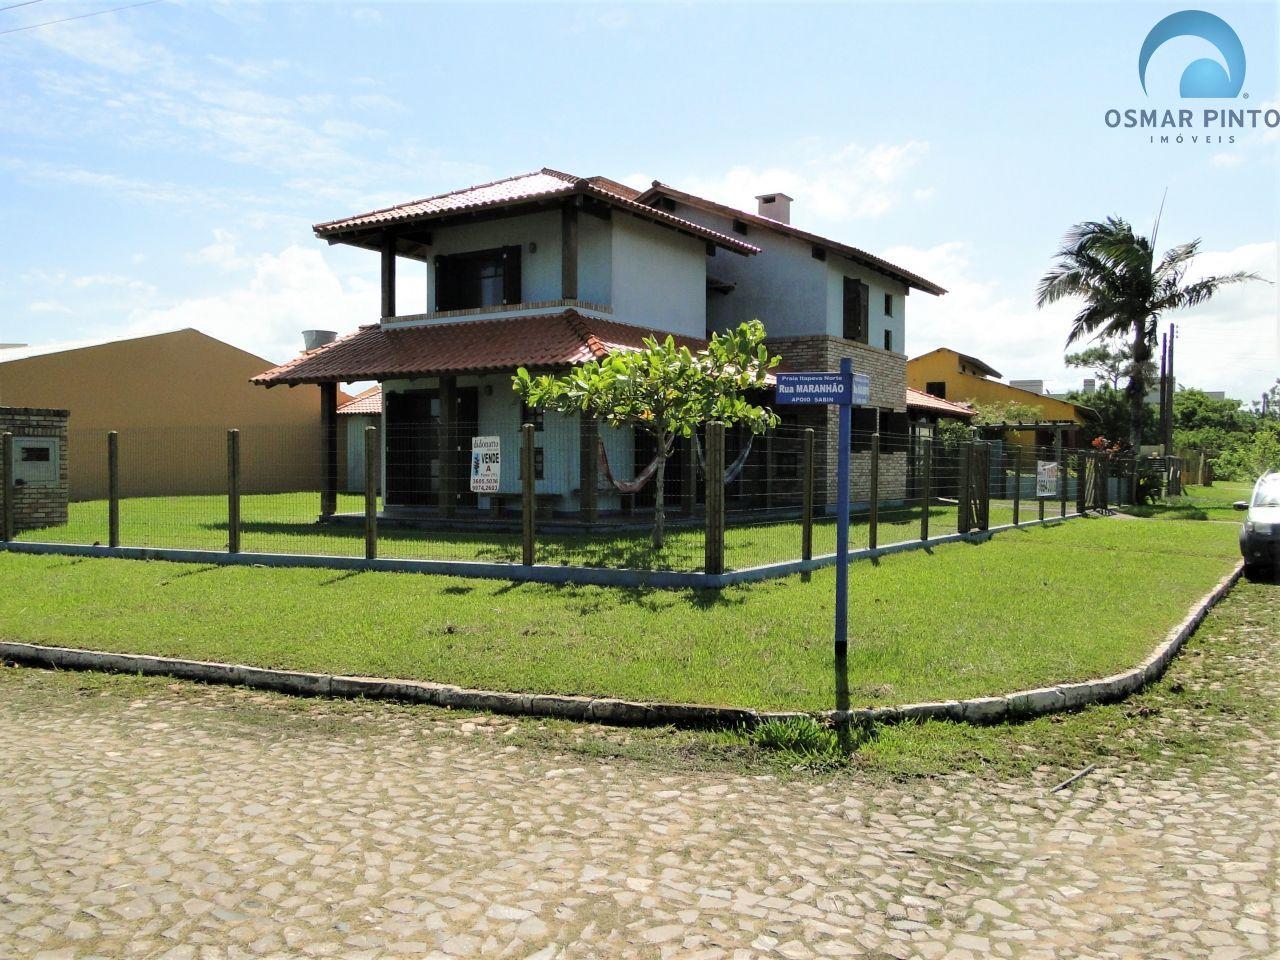 Casa 3 dormitórios em Torres, no bairro Itapeva Norte